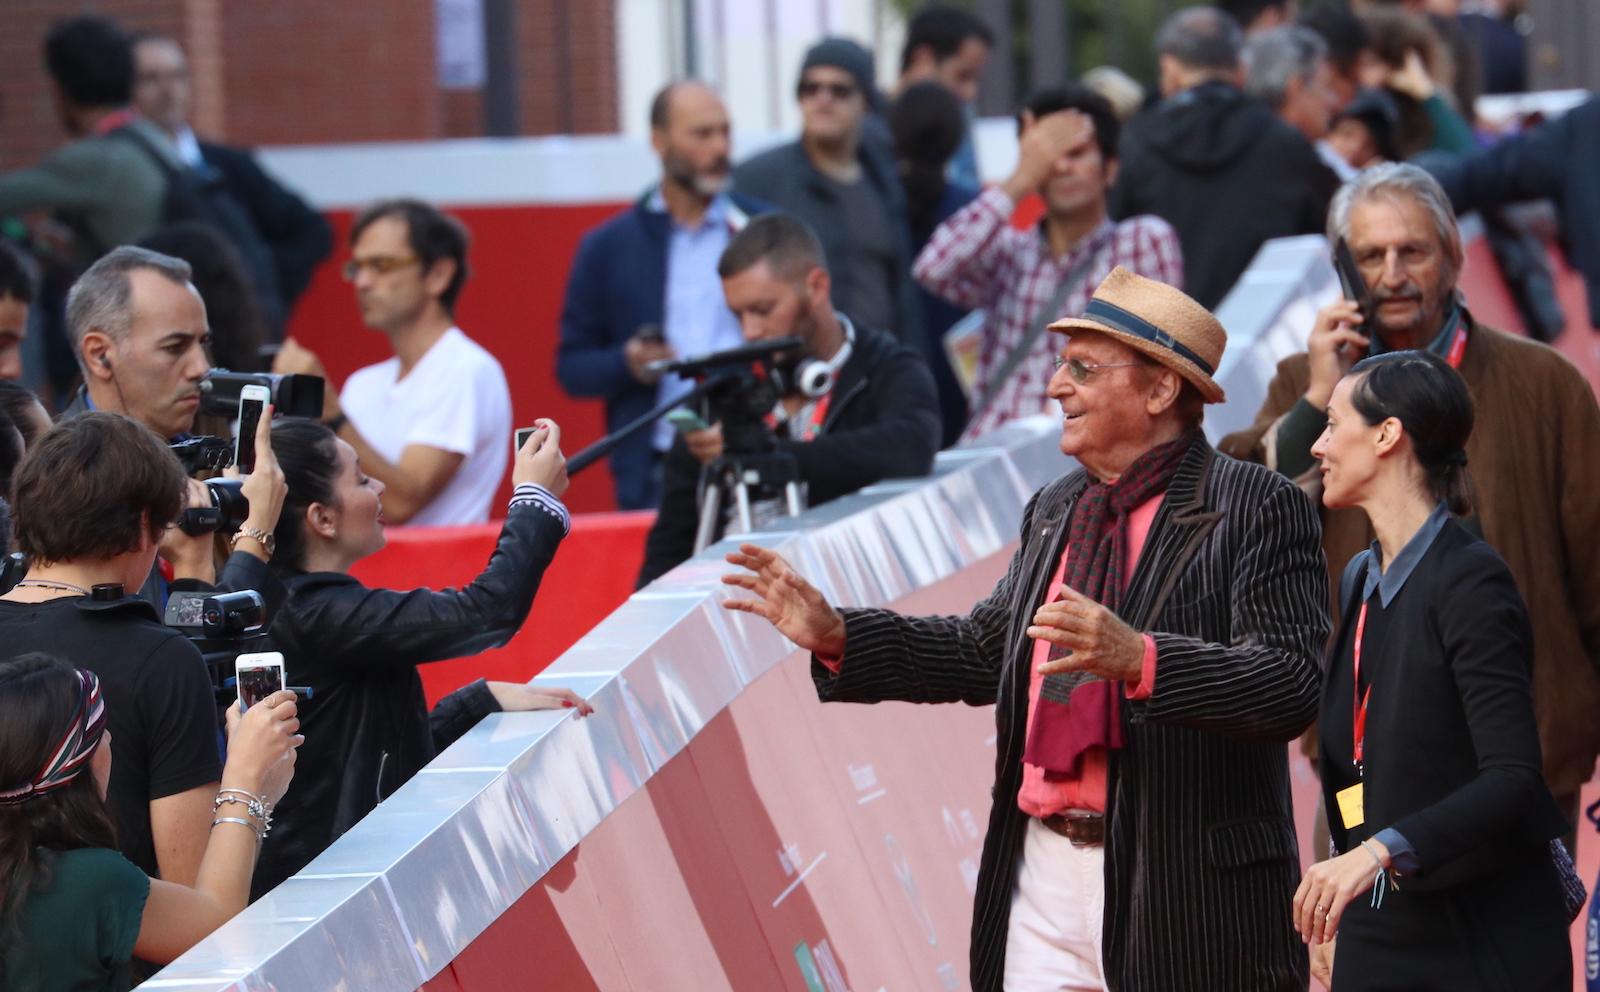 Roma 2016: Renzo Arbore davanti ai giornalisti sul red carpet